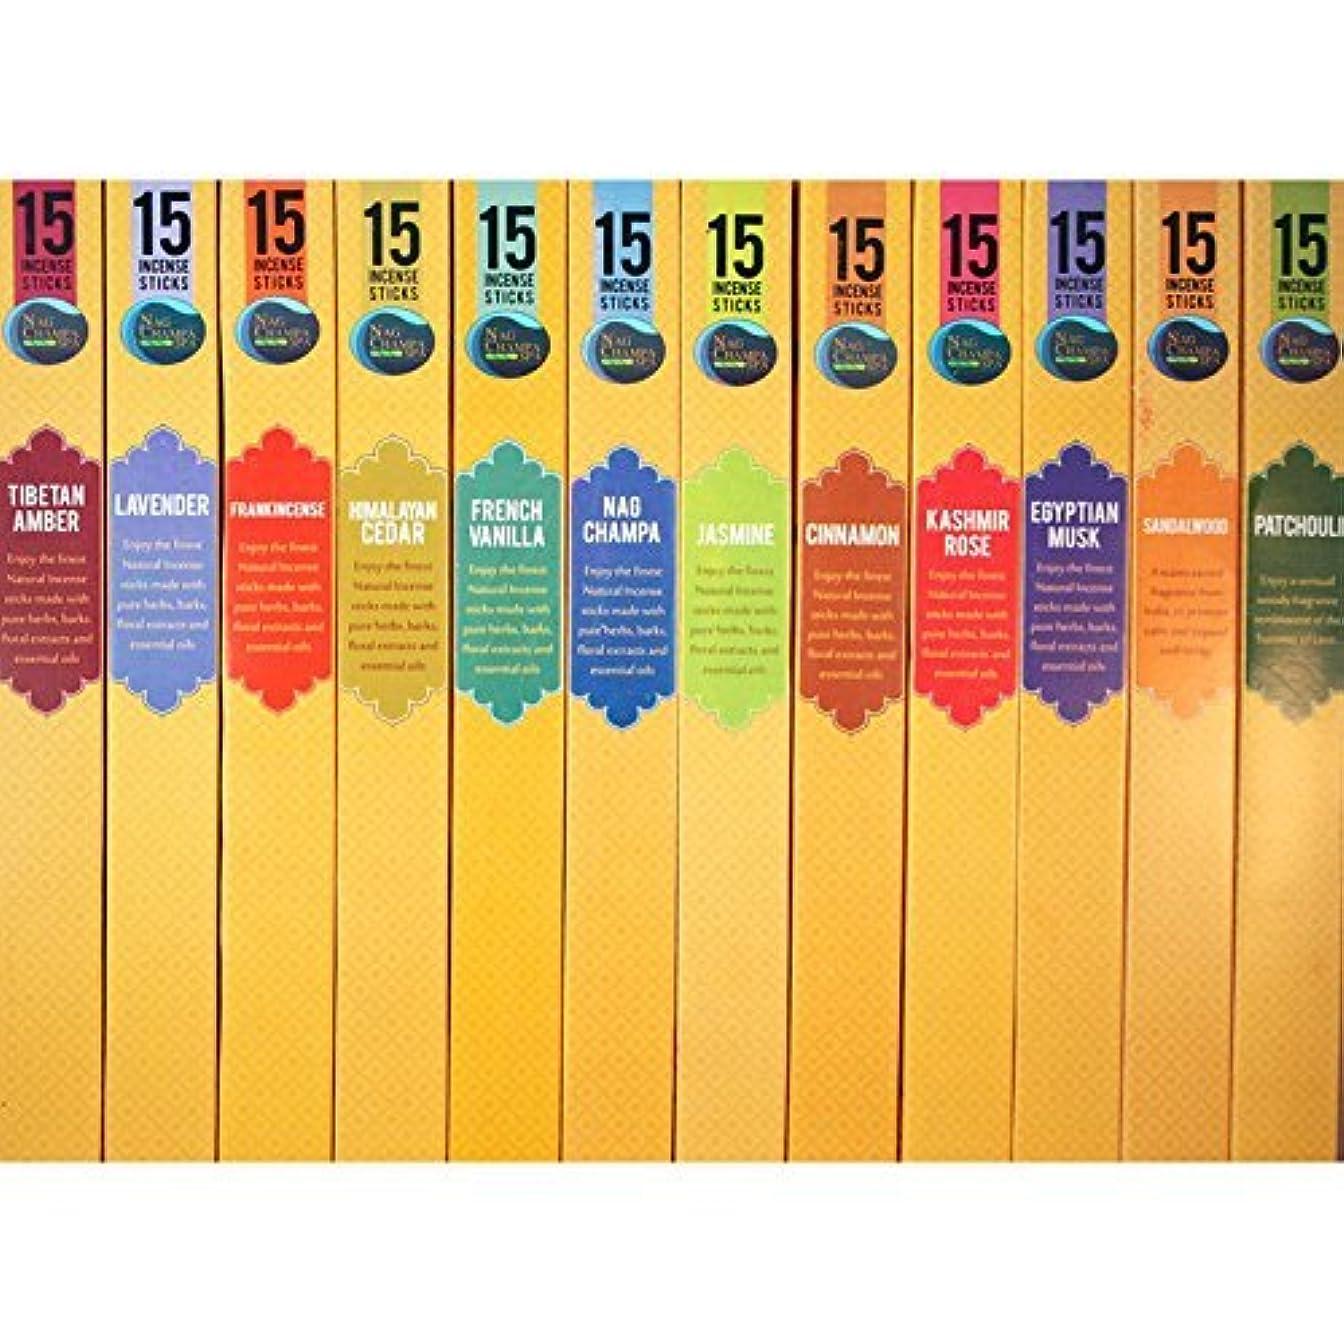 輝度大きなスケールで見るとスティックSpa Nag Champa Incense人気Fragrances Sampler – 12ボックス(15 Sticks Ea) Nag Champa、サンダルウッド、パチュリ、ラベンダー、ジャスミン、ムスクFrankincense...